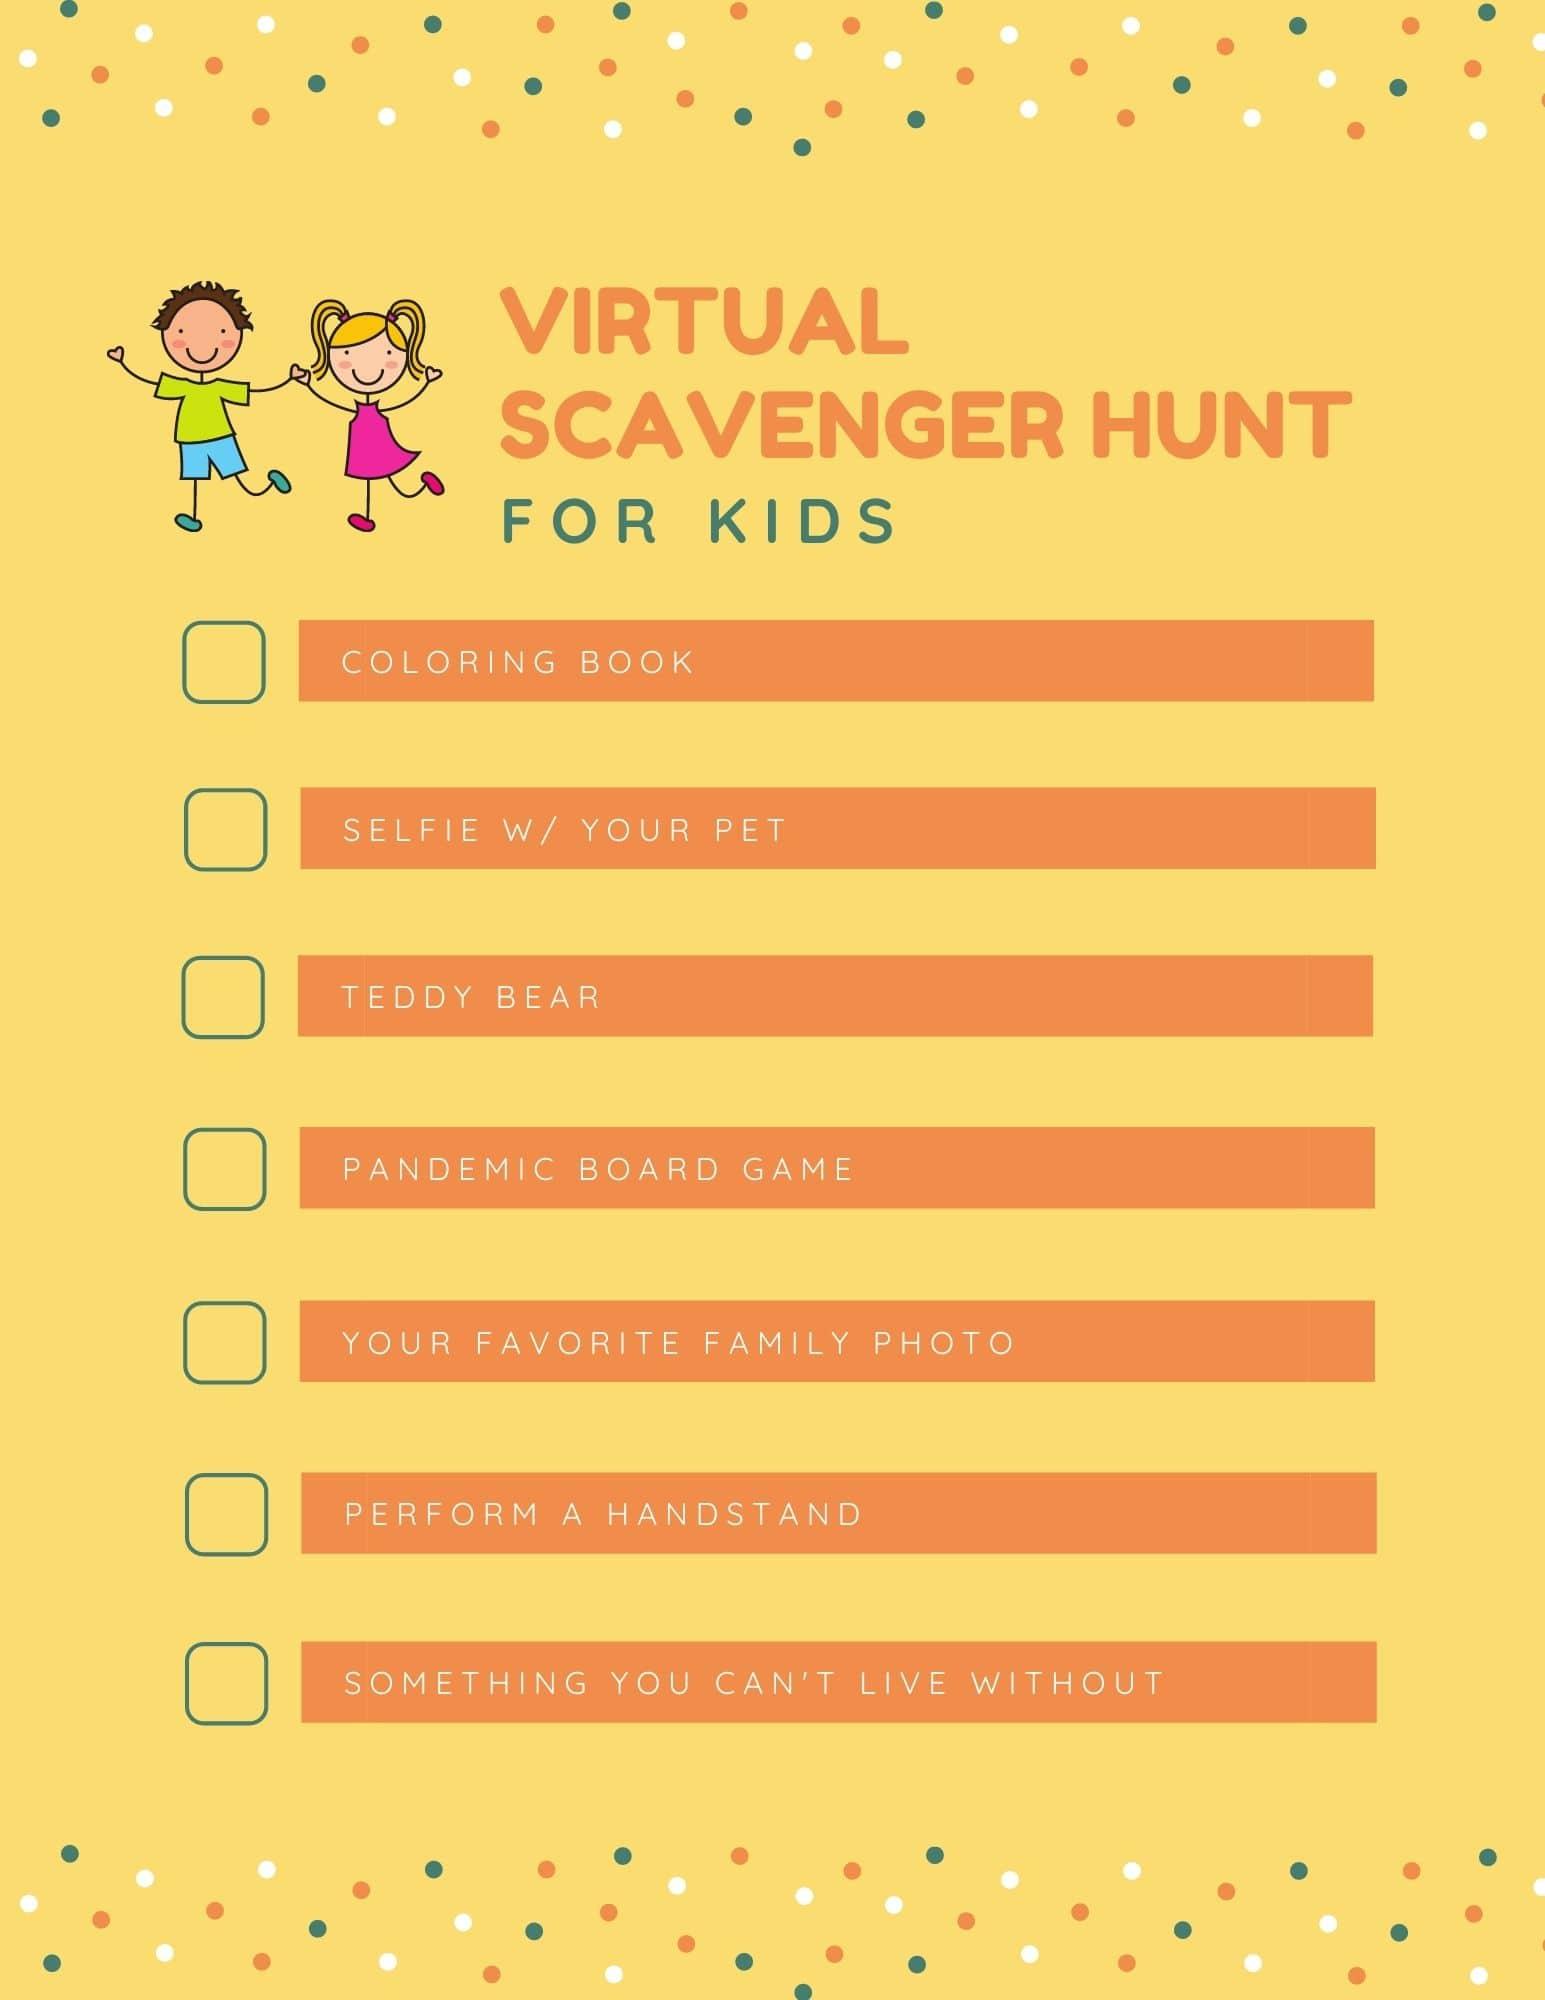 Virtual scavenger hunt for kids